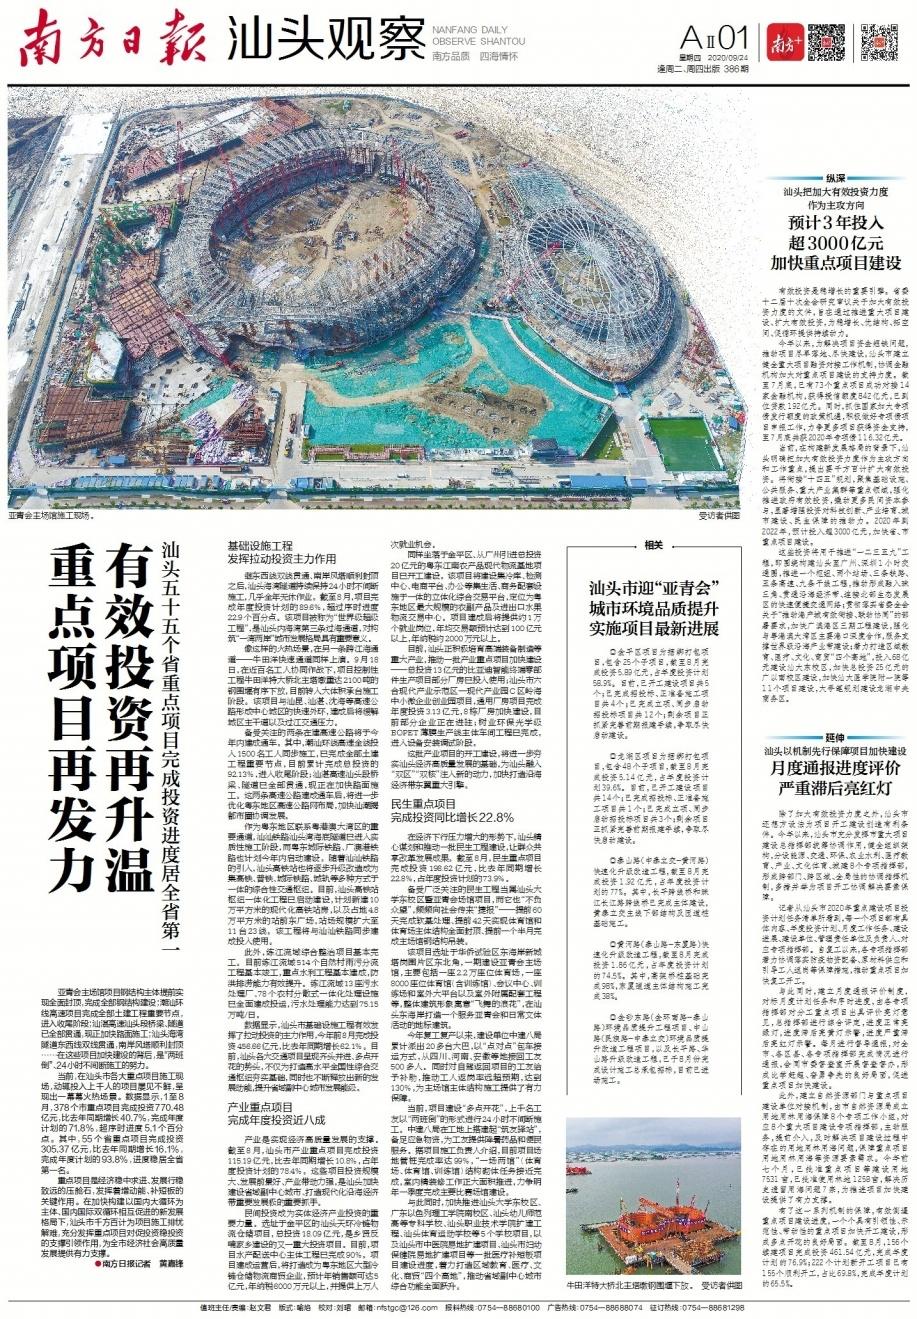 2020年9月24日南方日报·汕头观察TC01版